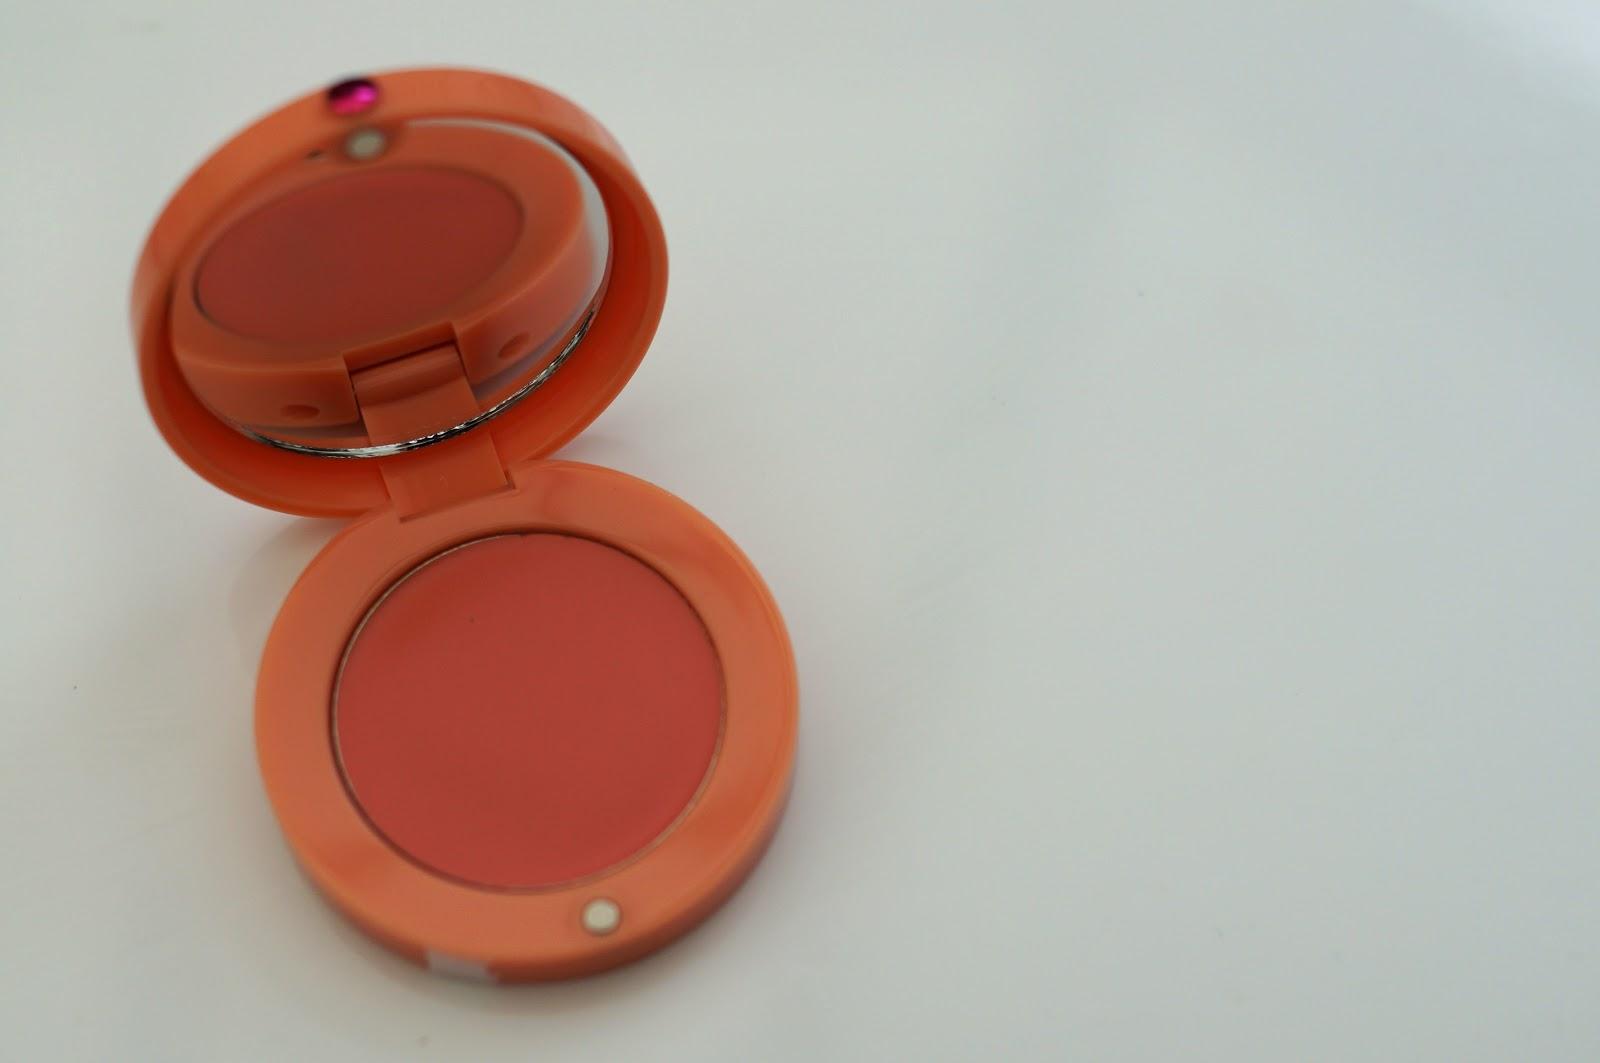 bourjois cream blush 01